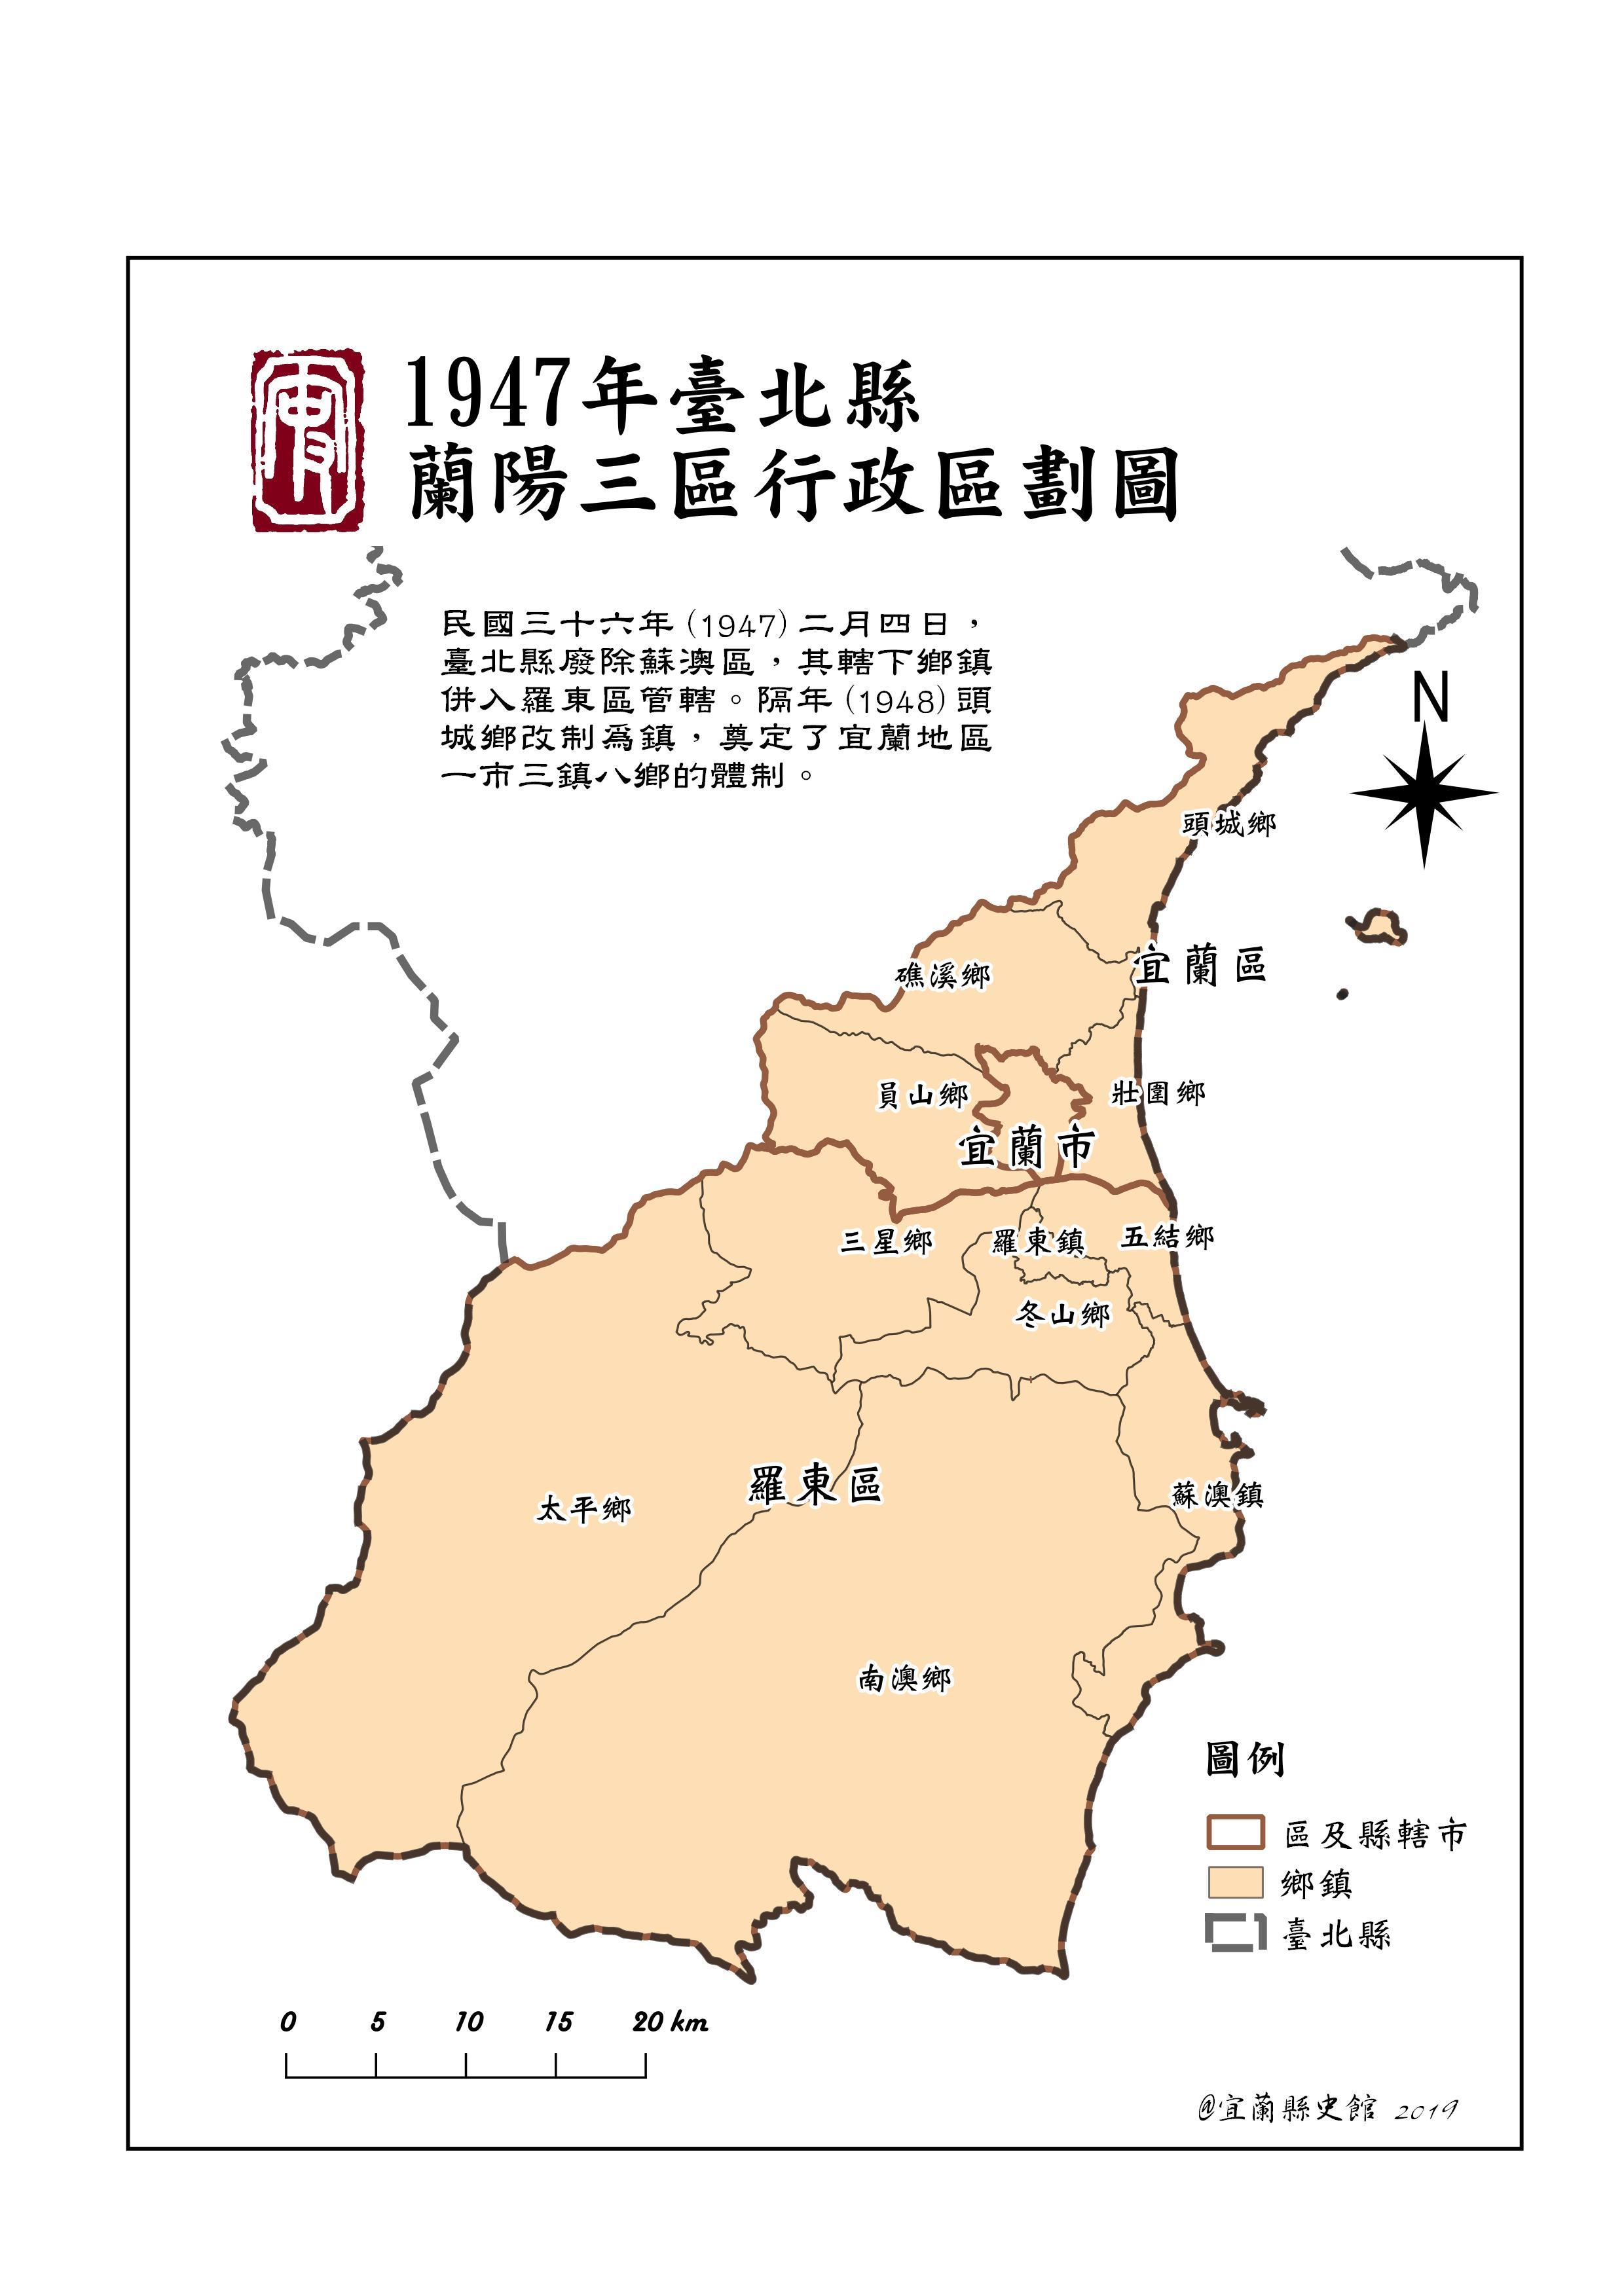 1947臺北縣蘭陽三區行政區劃圖